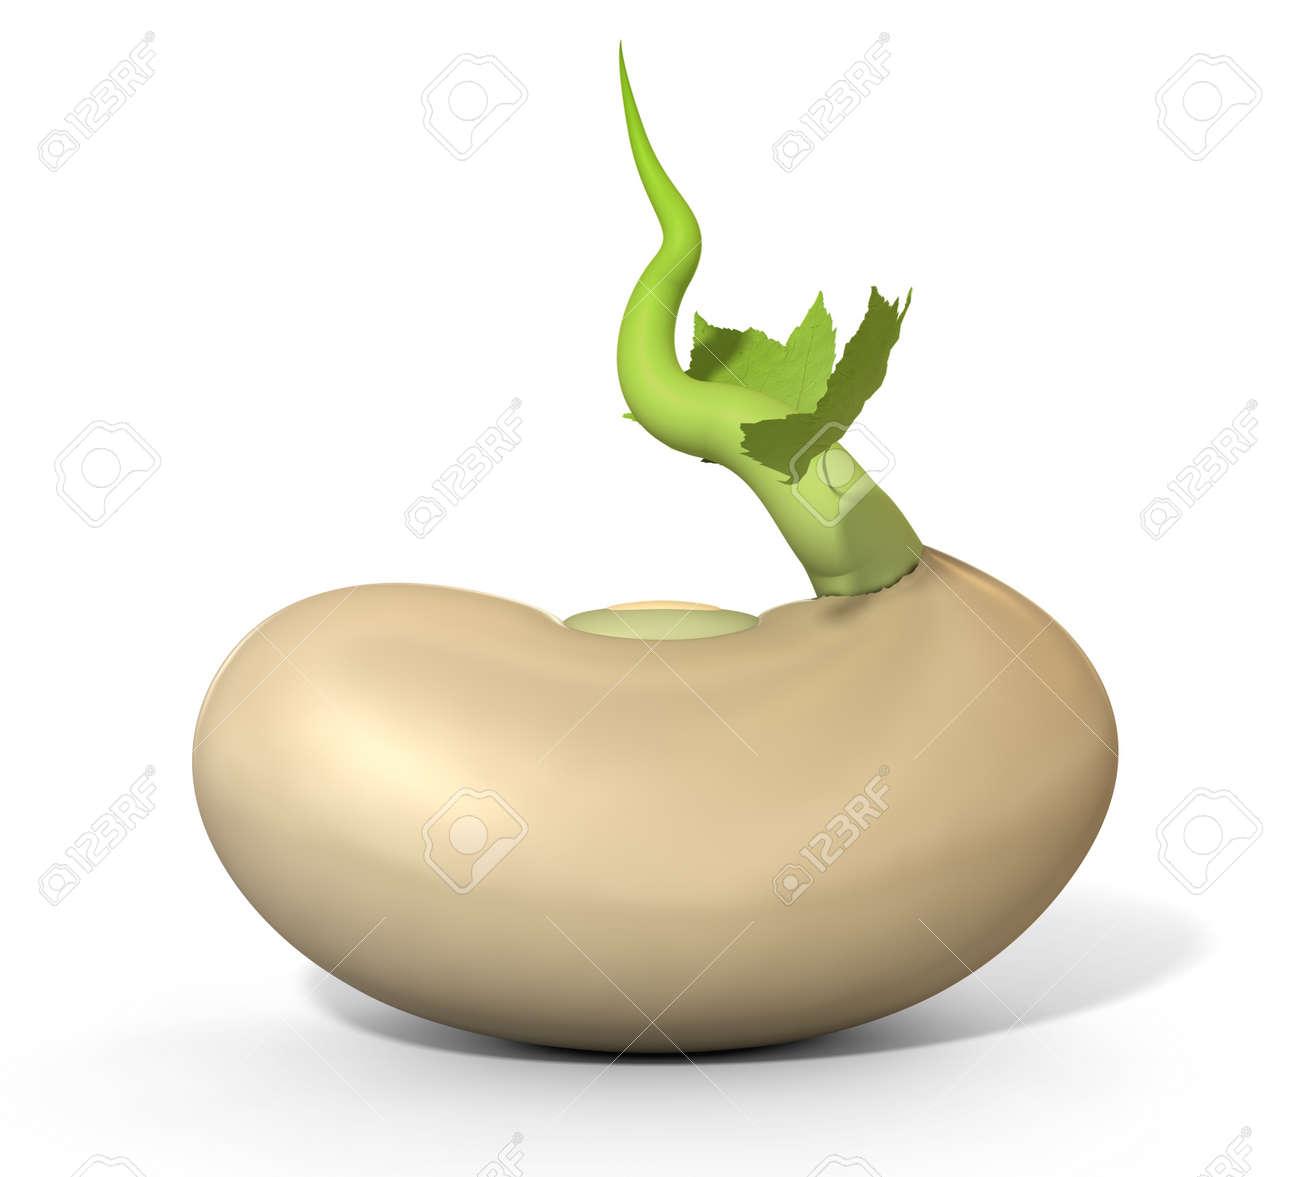 Een close up van een gewone suiker bonen kiemen een groene rank ...